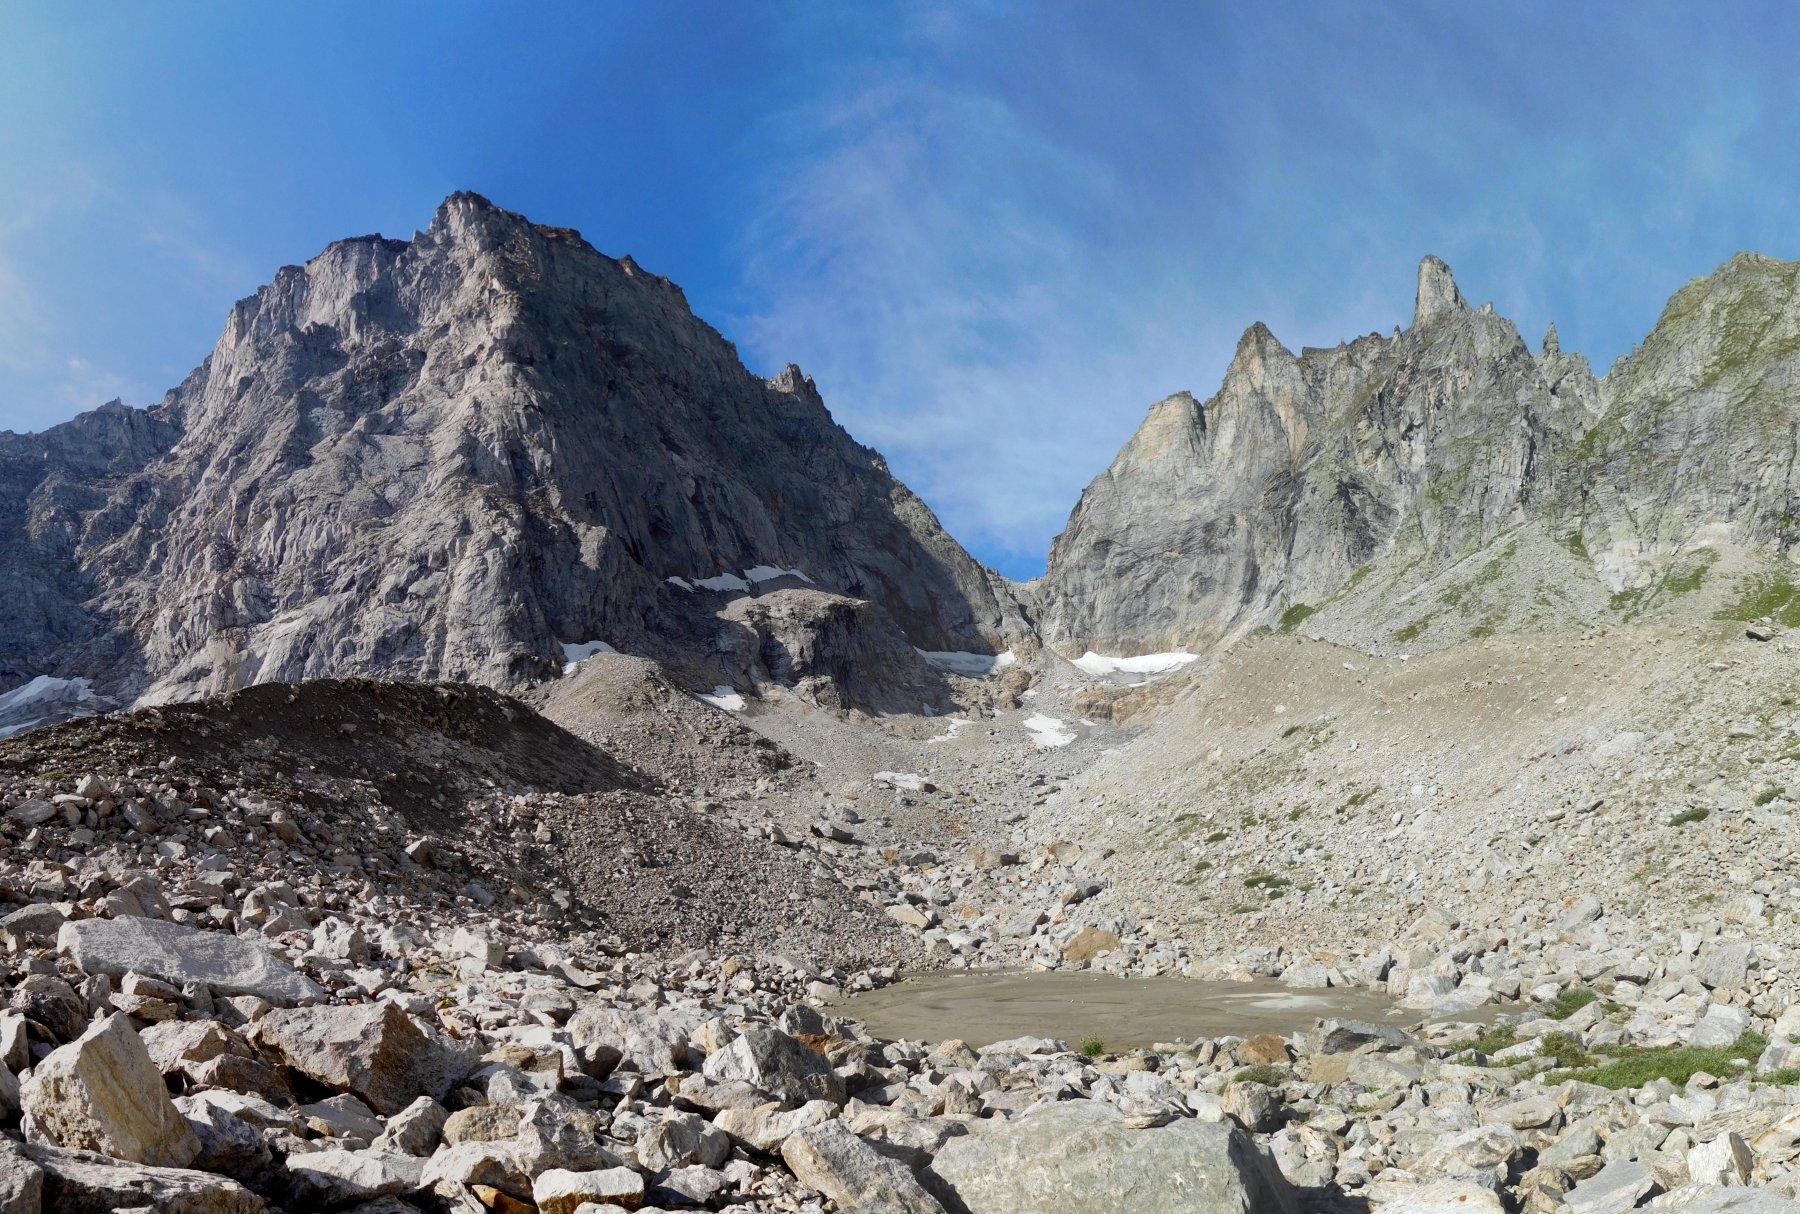 Il vallone di Giove, con la parete del Clogstafel in fondo sulla destra